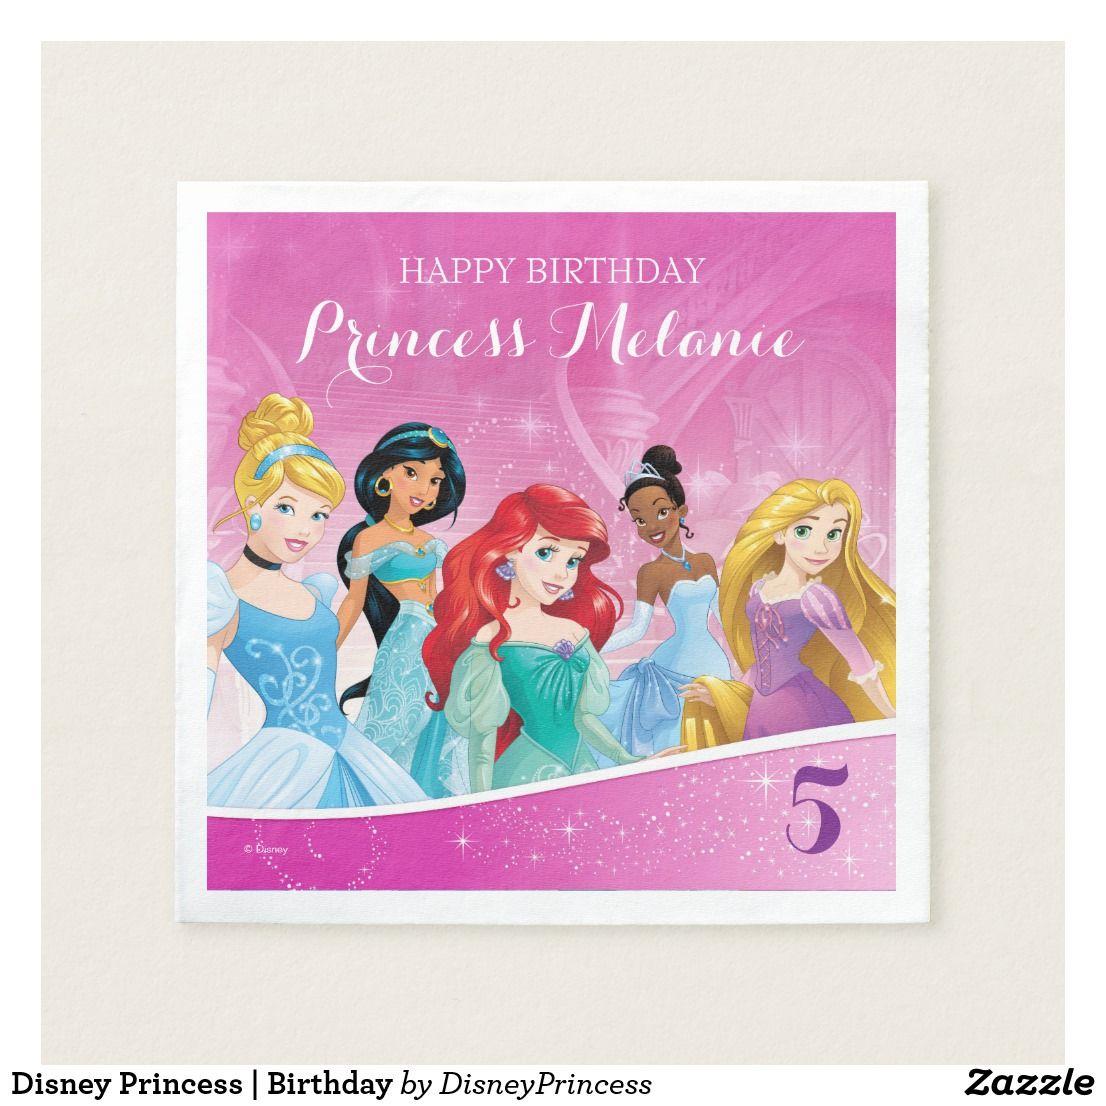 Disney Princess Birthday Napkins (With